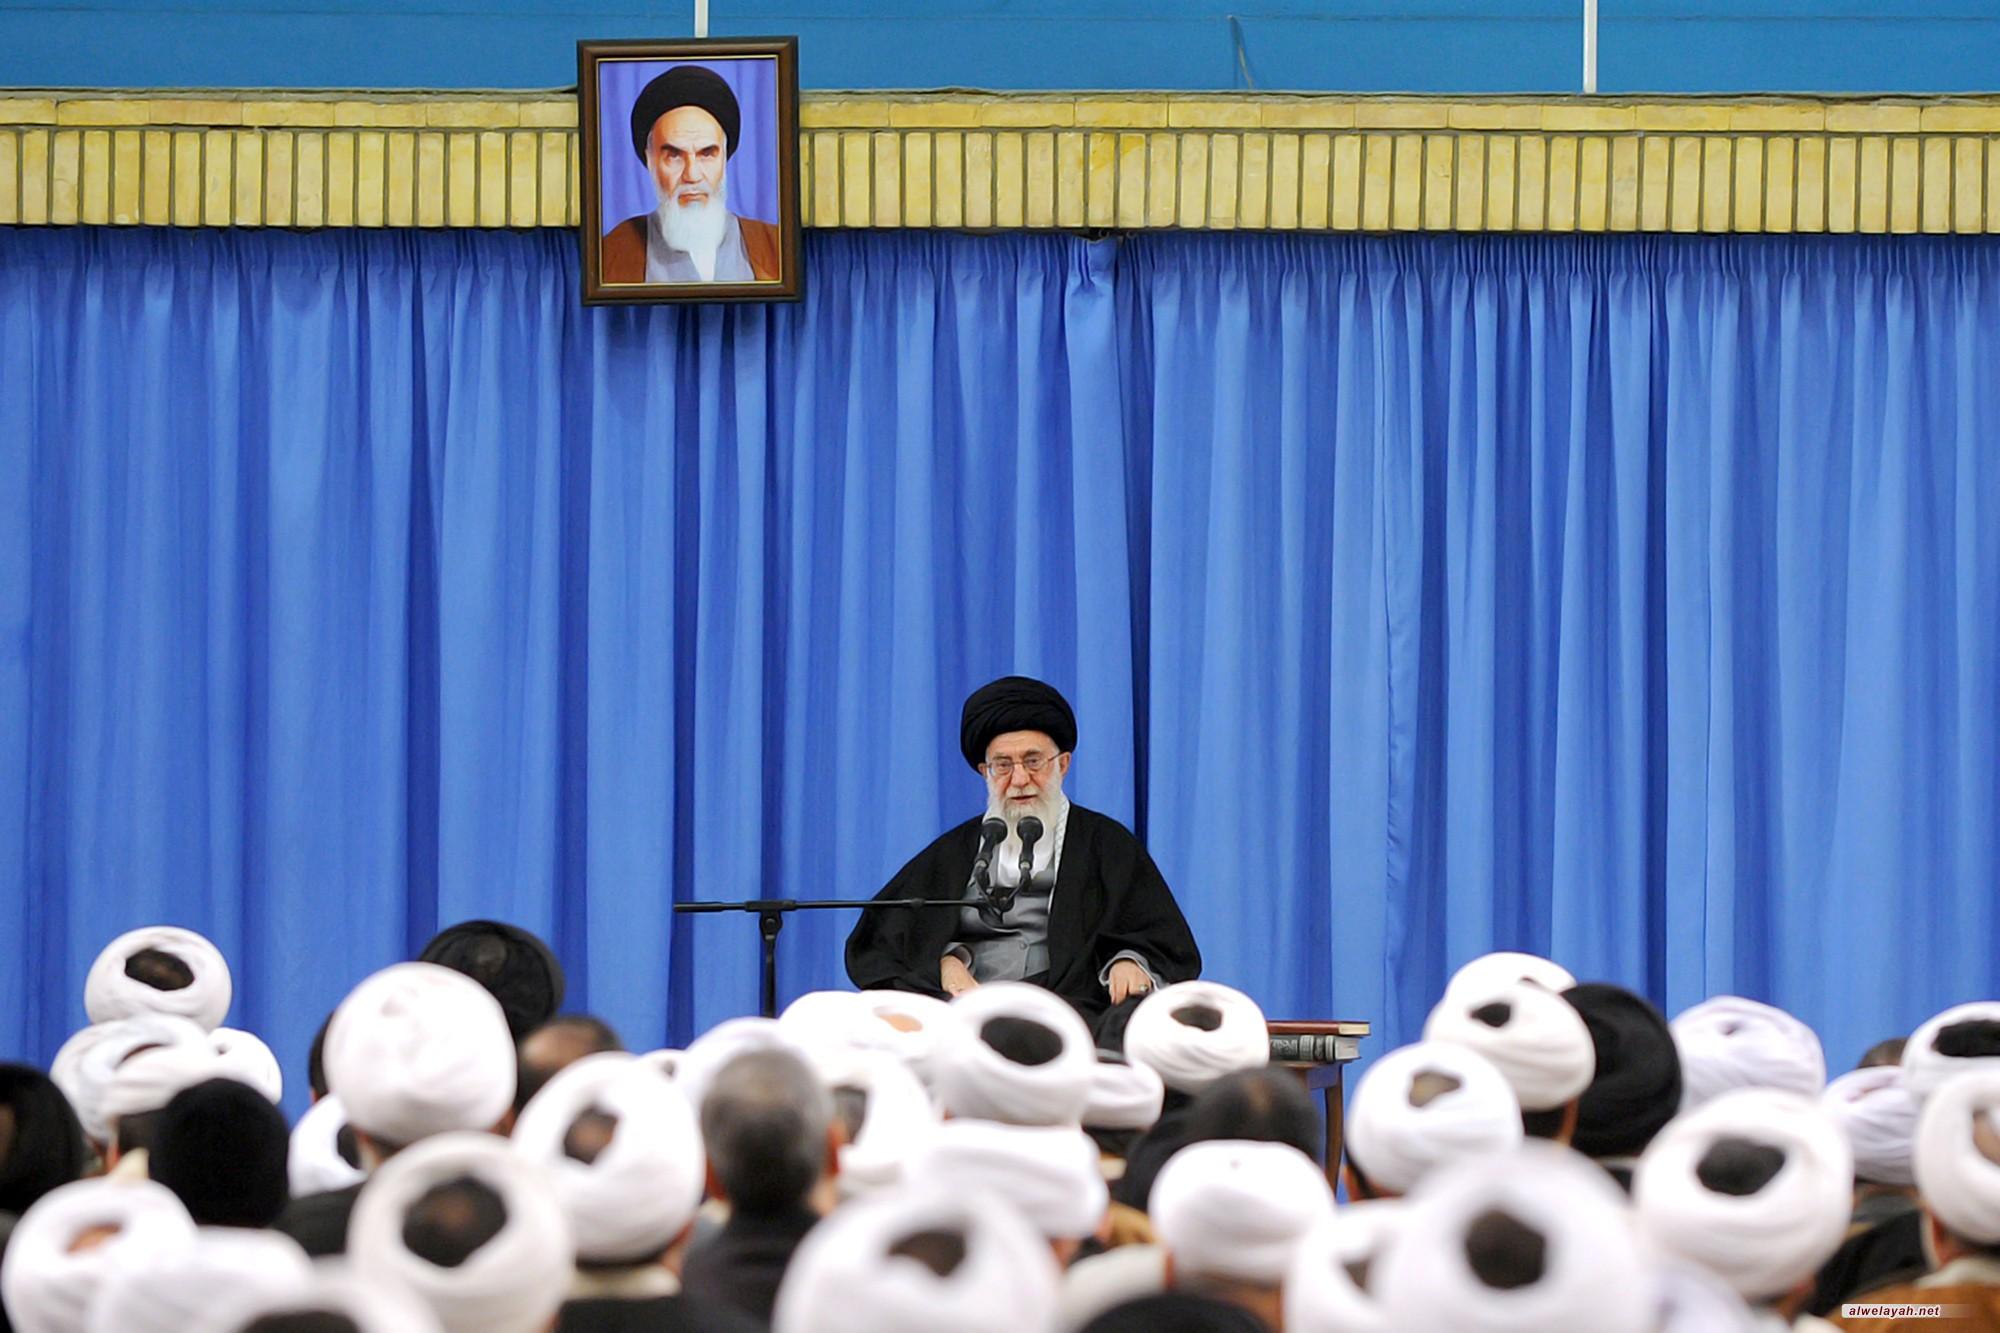 الإمام الخامنئي: الانتقام الإلهي سيطال الساسة السعوديين